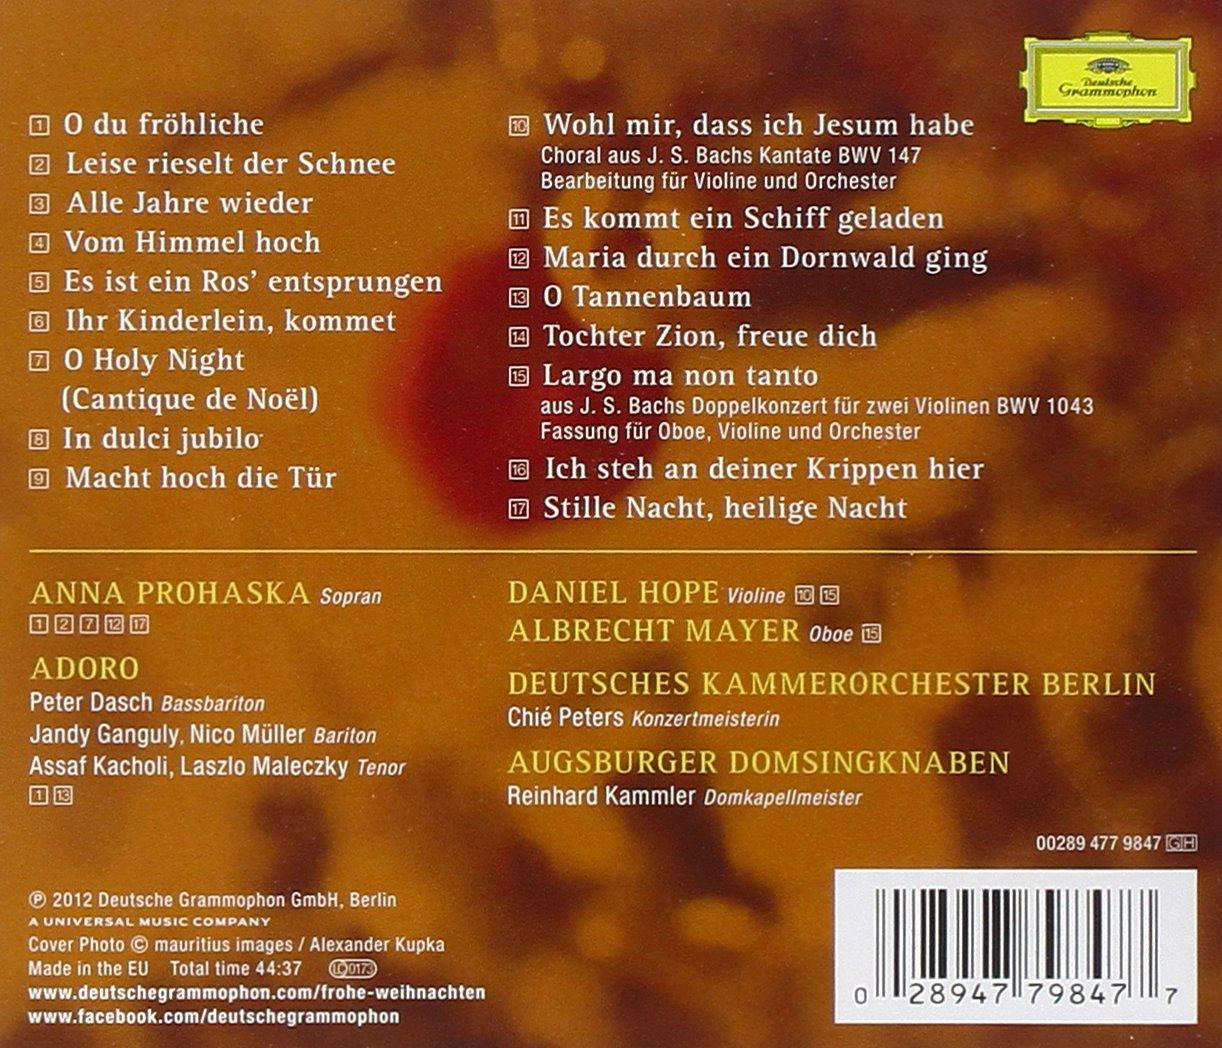 Frohe Weihnachten Berlin.Prohaska Hope Berlin Chamber Orch Kammler Reinhard Kammler